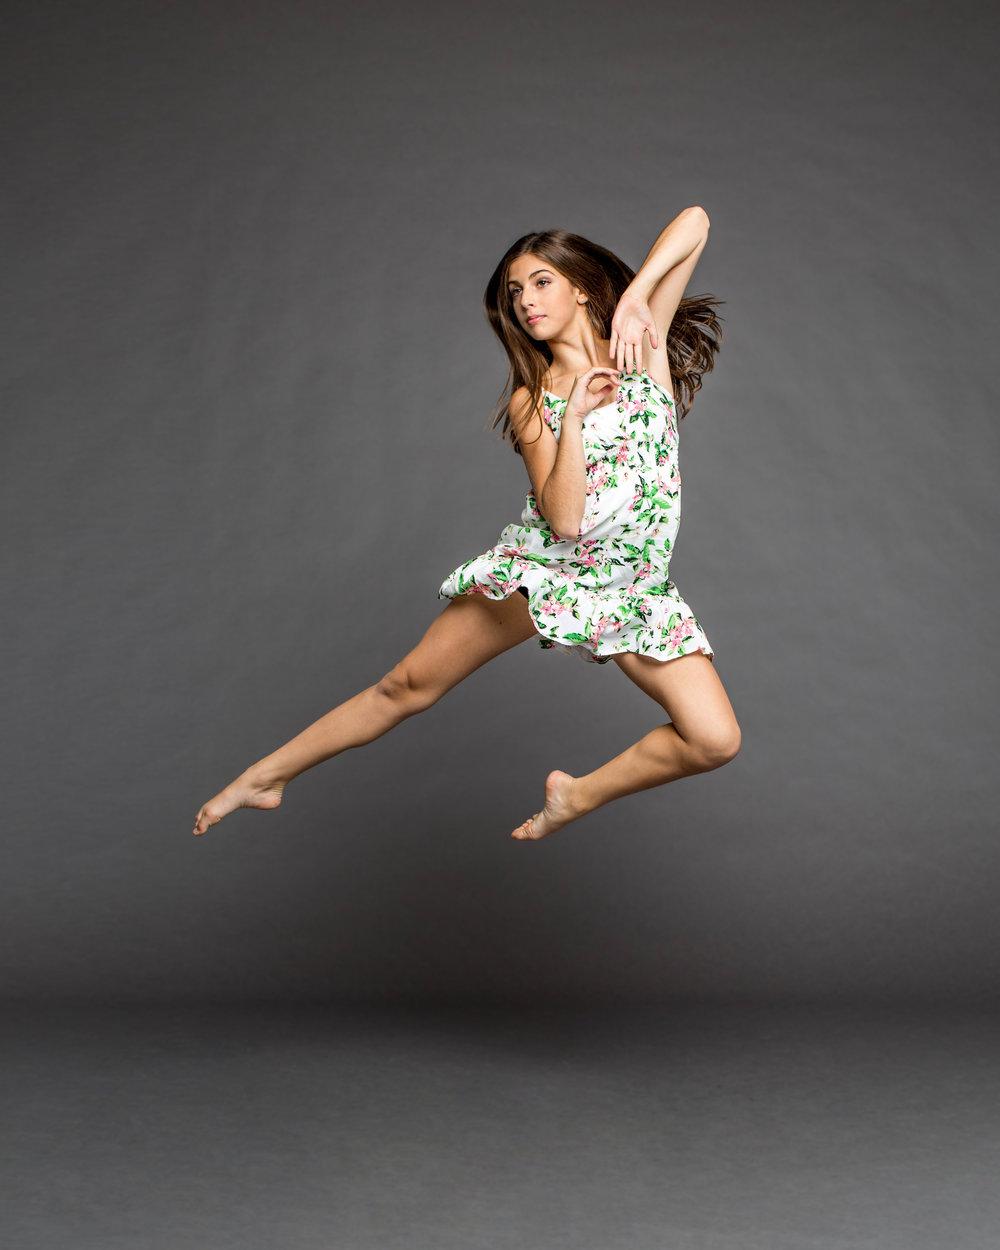 Sasha Zitser jump 2.jpg